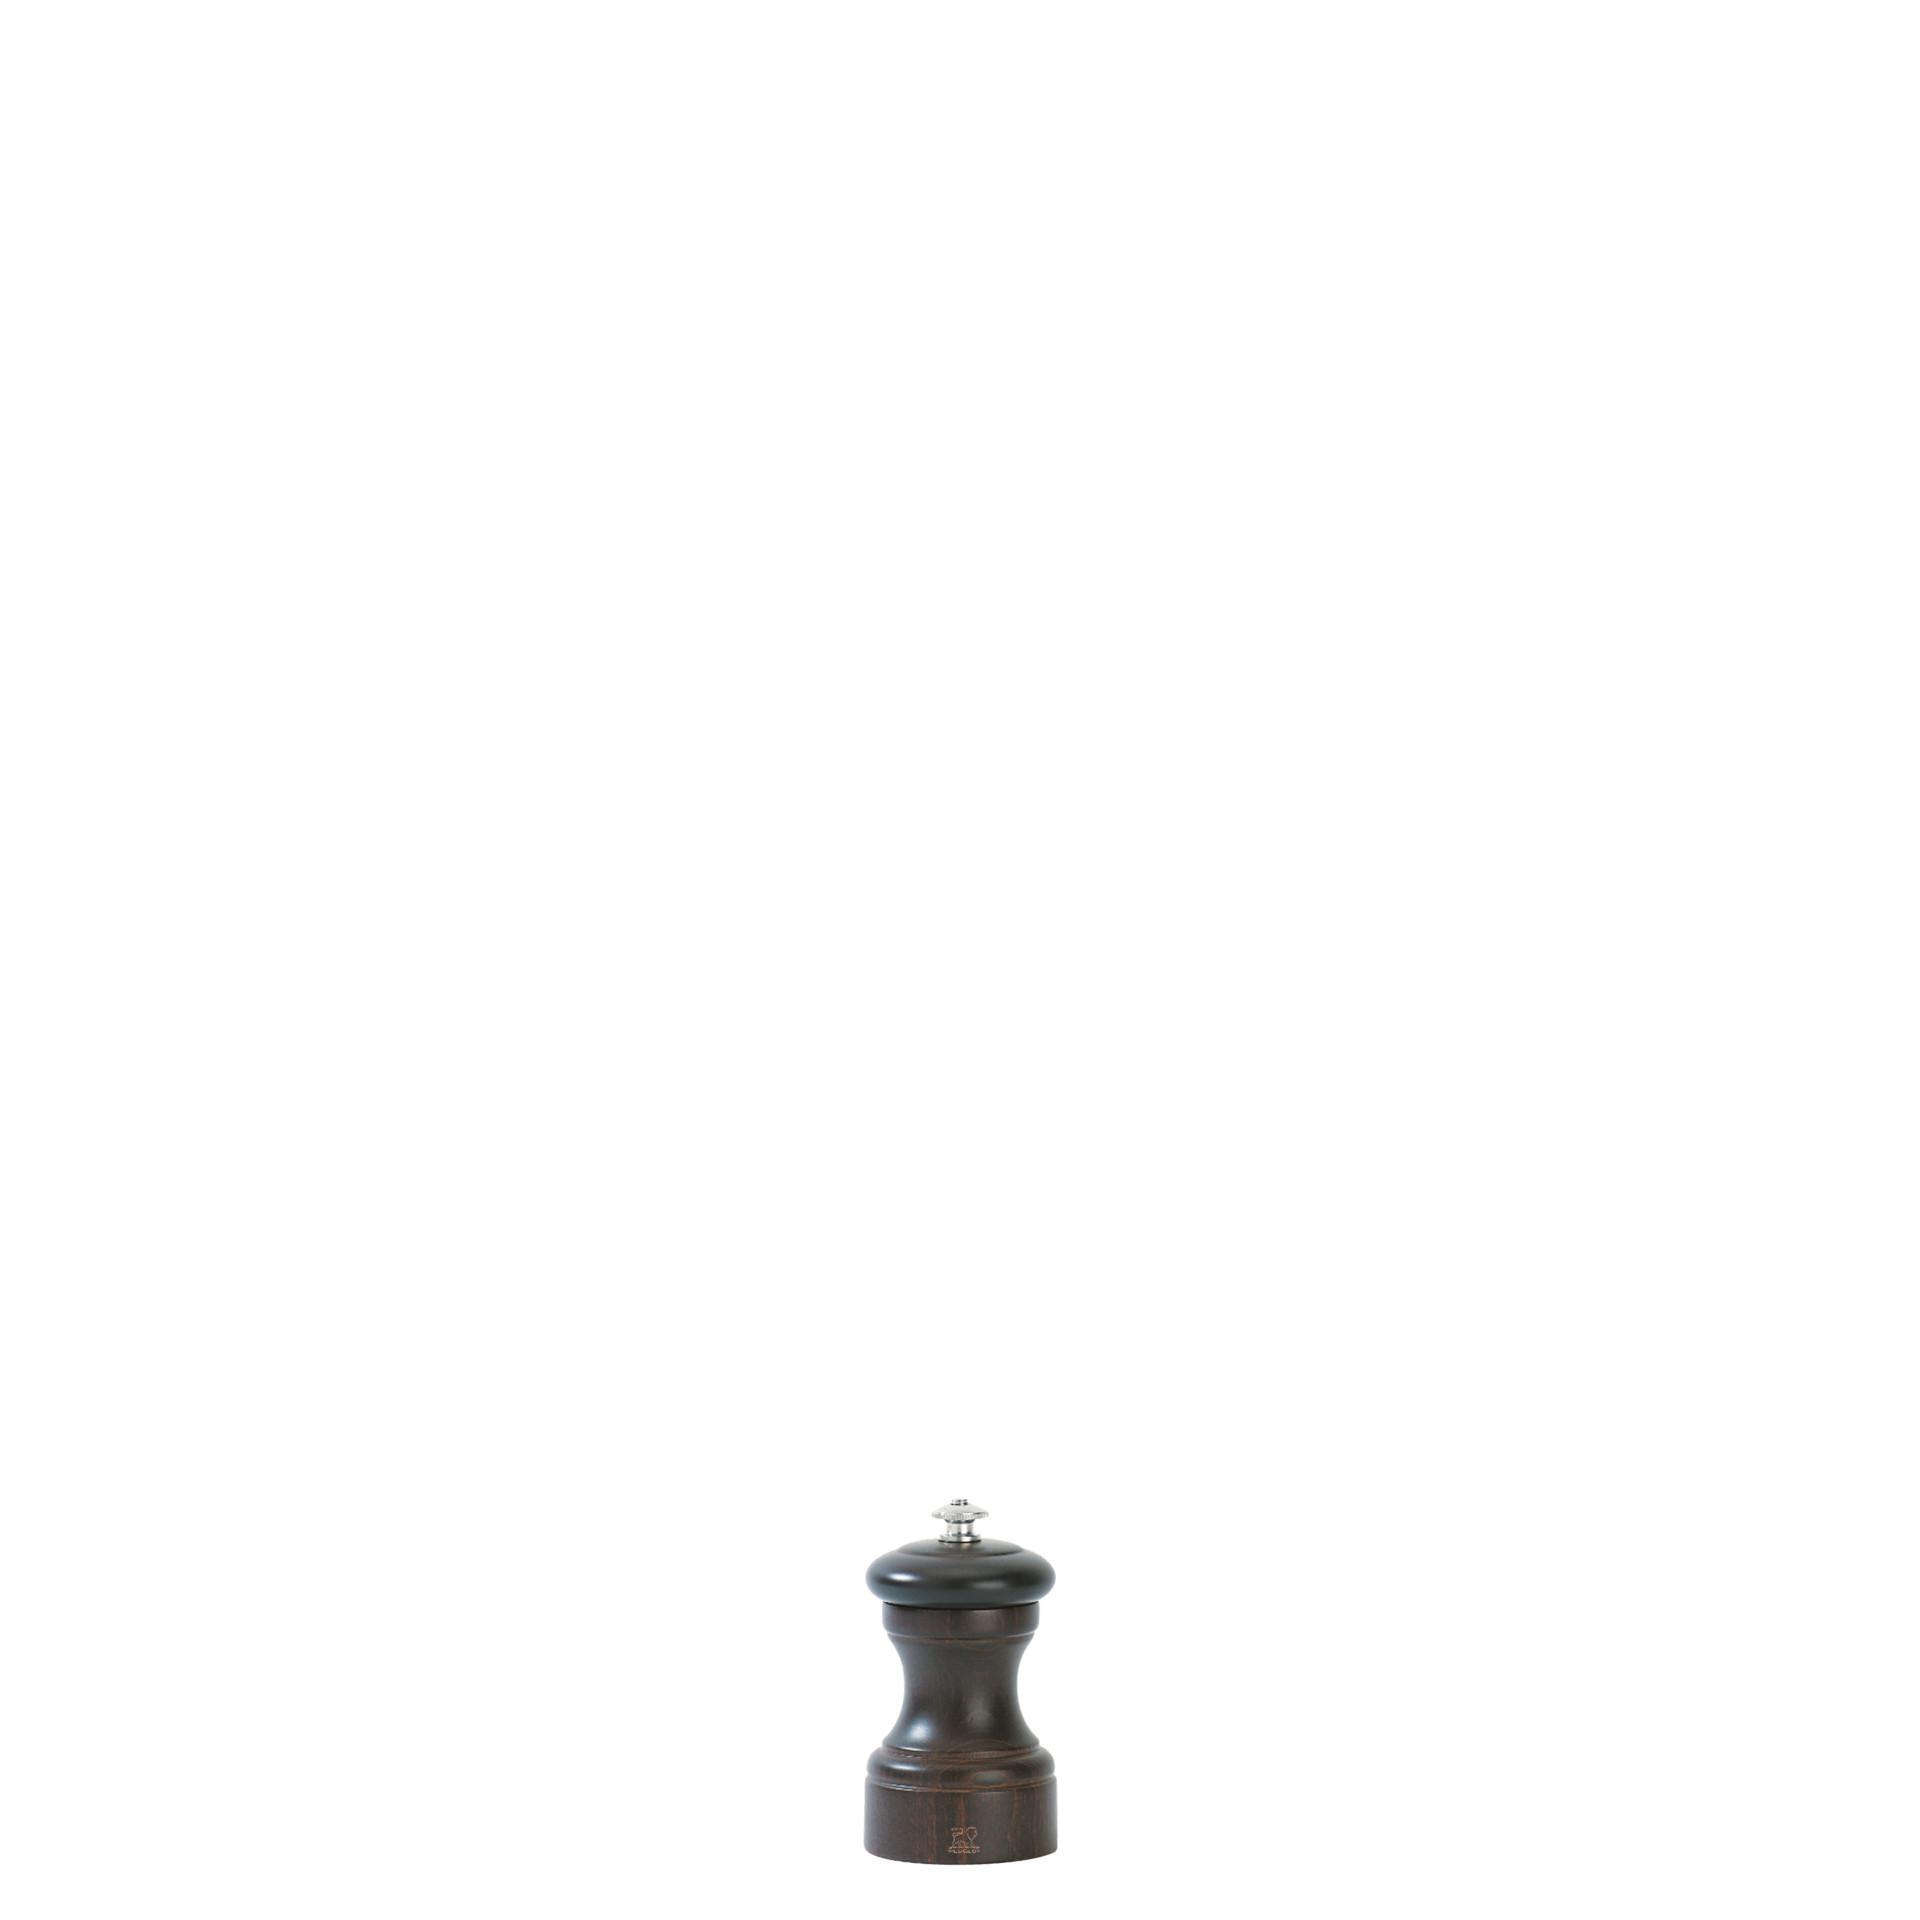 Bistro, Salz- / Pfeffermühlen Set 100 mm Buchenholz natur + schokolade